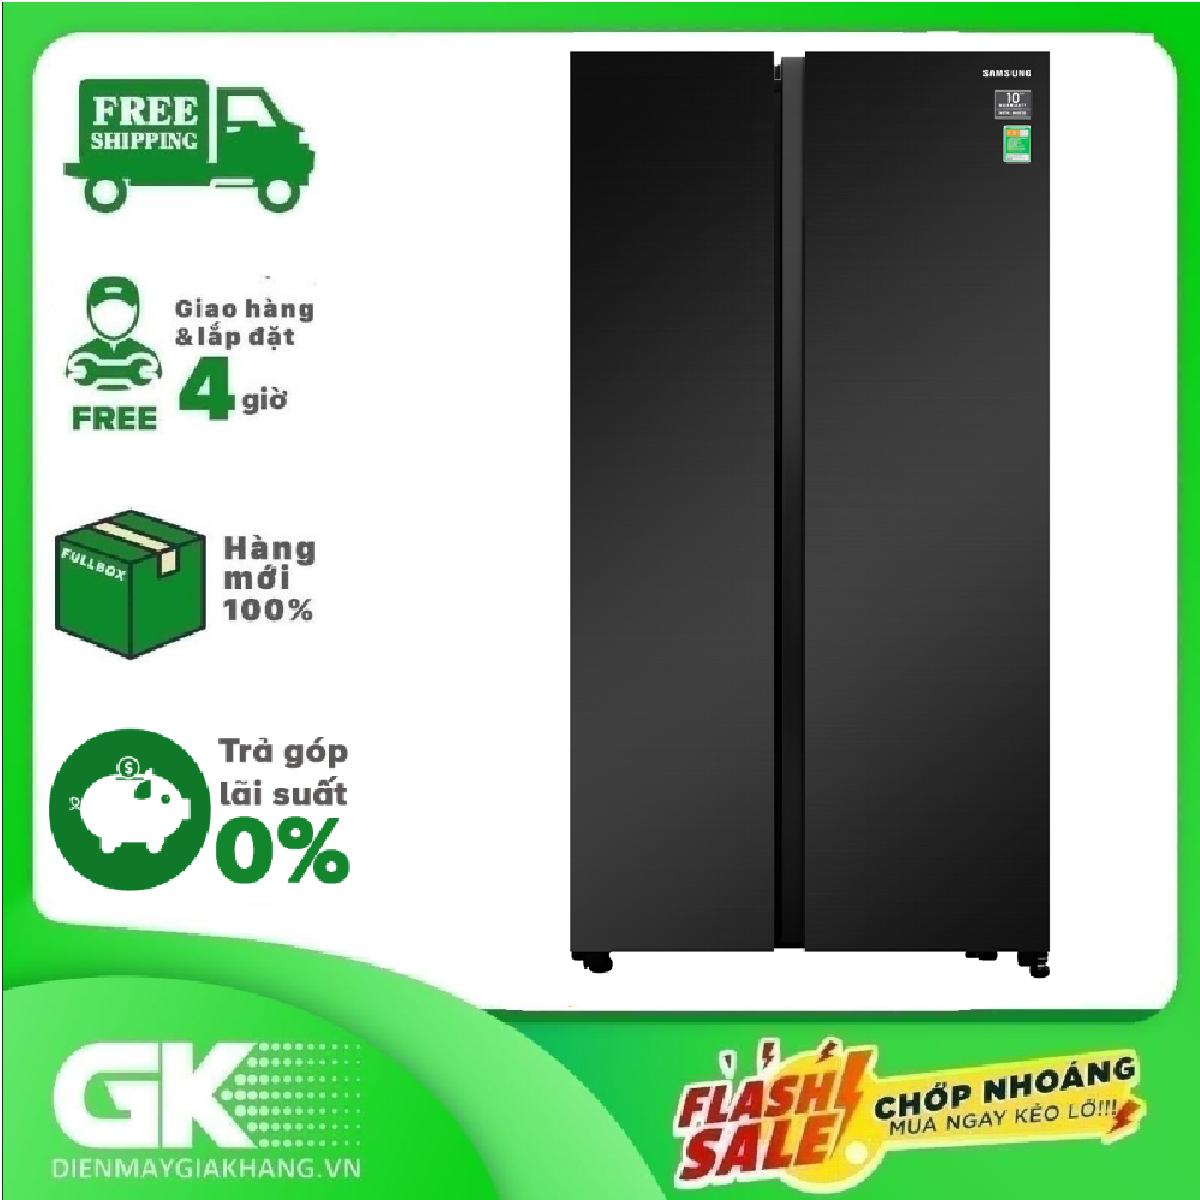 [GIAO HÀNG 2 – 15 NGÀY, TRỄ NHẤT 30.09] TRẢ GÓP 0% – Tủ lạnh Samsung Inverter 647 lít RS62R5001B4/SV- Bảo hành 2 năm